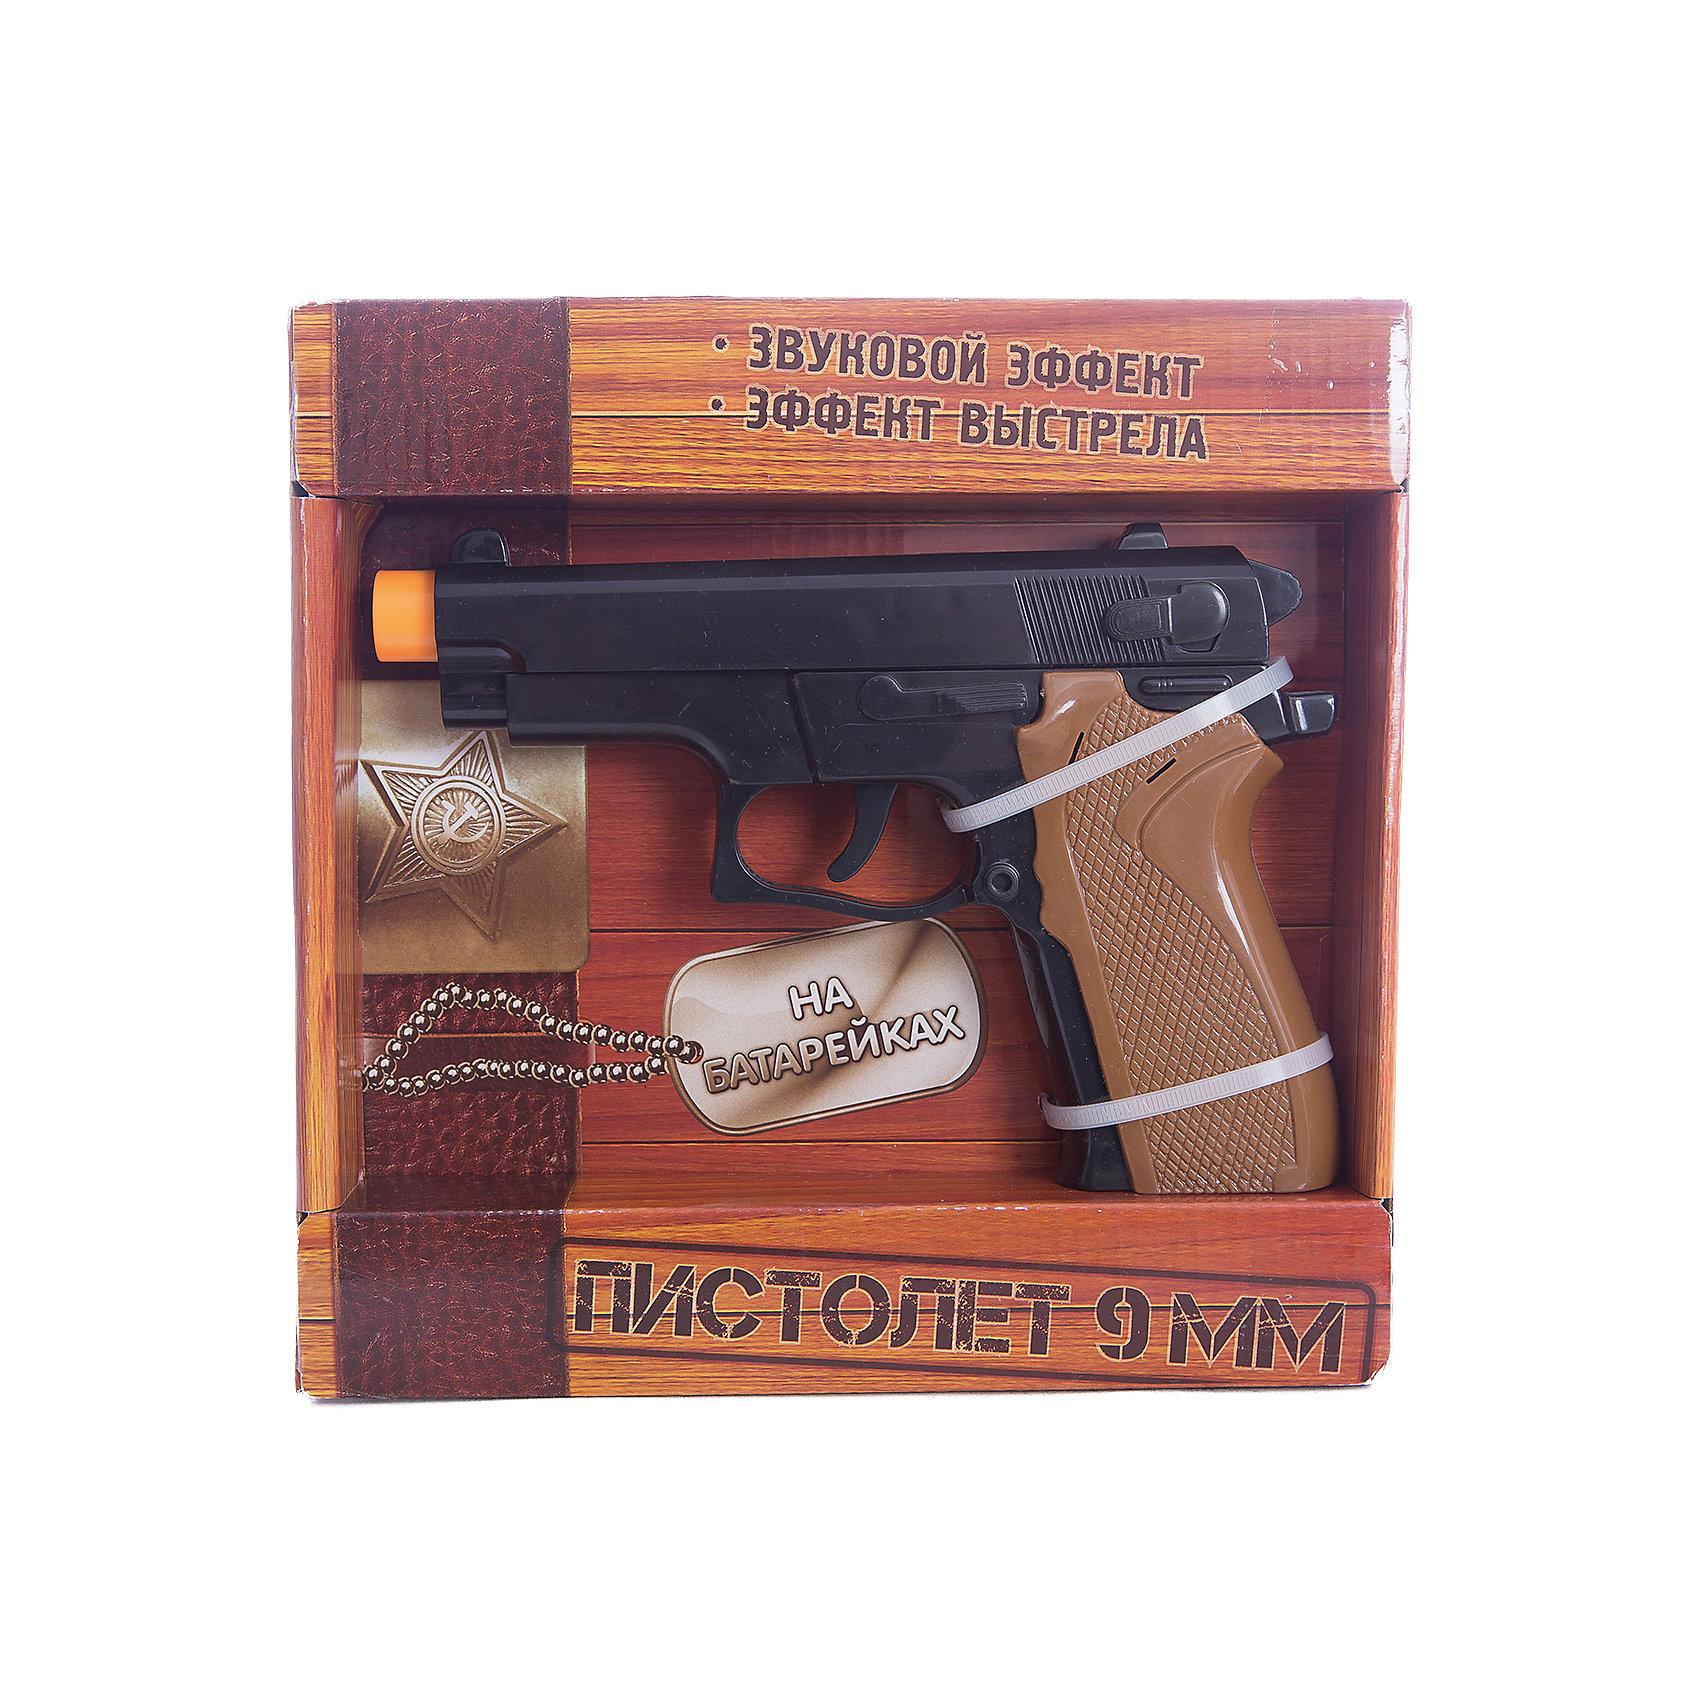 Игрушка Пистолет 9мм, Играем вместеБластеры, пистолеты и прочее<br>Игрушка Пистолет 9мм, Играем вместе – это замечательный подарок для вашего мальчика.<br>Игрушечный Пистолет 9мм представляет собой копию 9-ти миллиметрового пистолета. Он имеет движущийся затвор и имитирует реалистичный звук выстрелов. Оригинальный дизайн пистолета обязательно понравится вашему ребенку. С ним можно играть как на улице, так и в помещении. Данная игрушка способствует развитию у детей координации движений. Оружие сделано из прочного безопасного пластика.<br><br>Дополнительная информация:<br><br>- Материал: пластик<br>- Работает от батареек, входят в комплект<br>- Размер упаковки: 22,3 х 22 х 4 см.<br><br>Игрушку Пистолет 9мм, Играем вместе можно купить в нашем интернет-магазине.<br><br>Ширина мм: 530<br>Глубина мм: 480<br>Высота мм: 480<br>Вес г: 330<br>Возраст от месяцев: 36<br>Возраст до месяцев: 144<br>Пол: Мужской<br>Возраст: Детский<br>SKU: 4185343